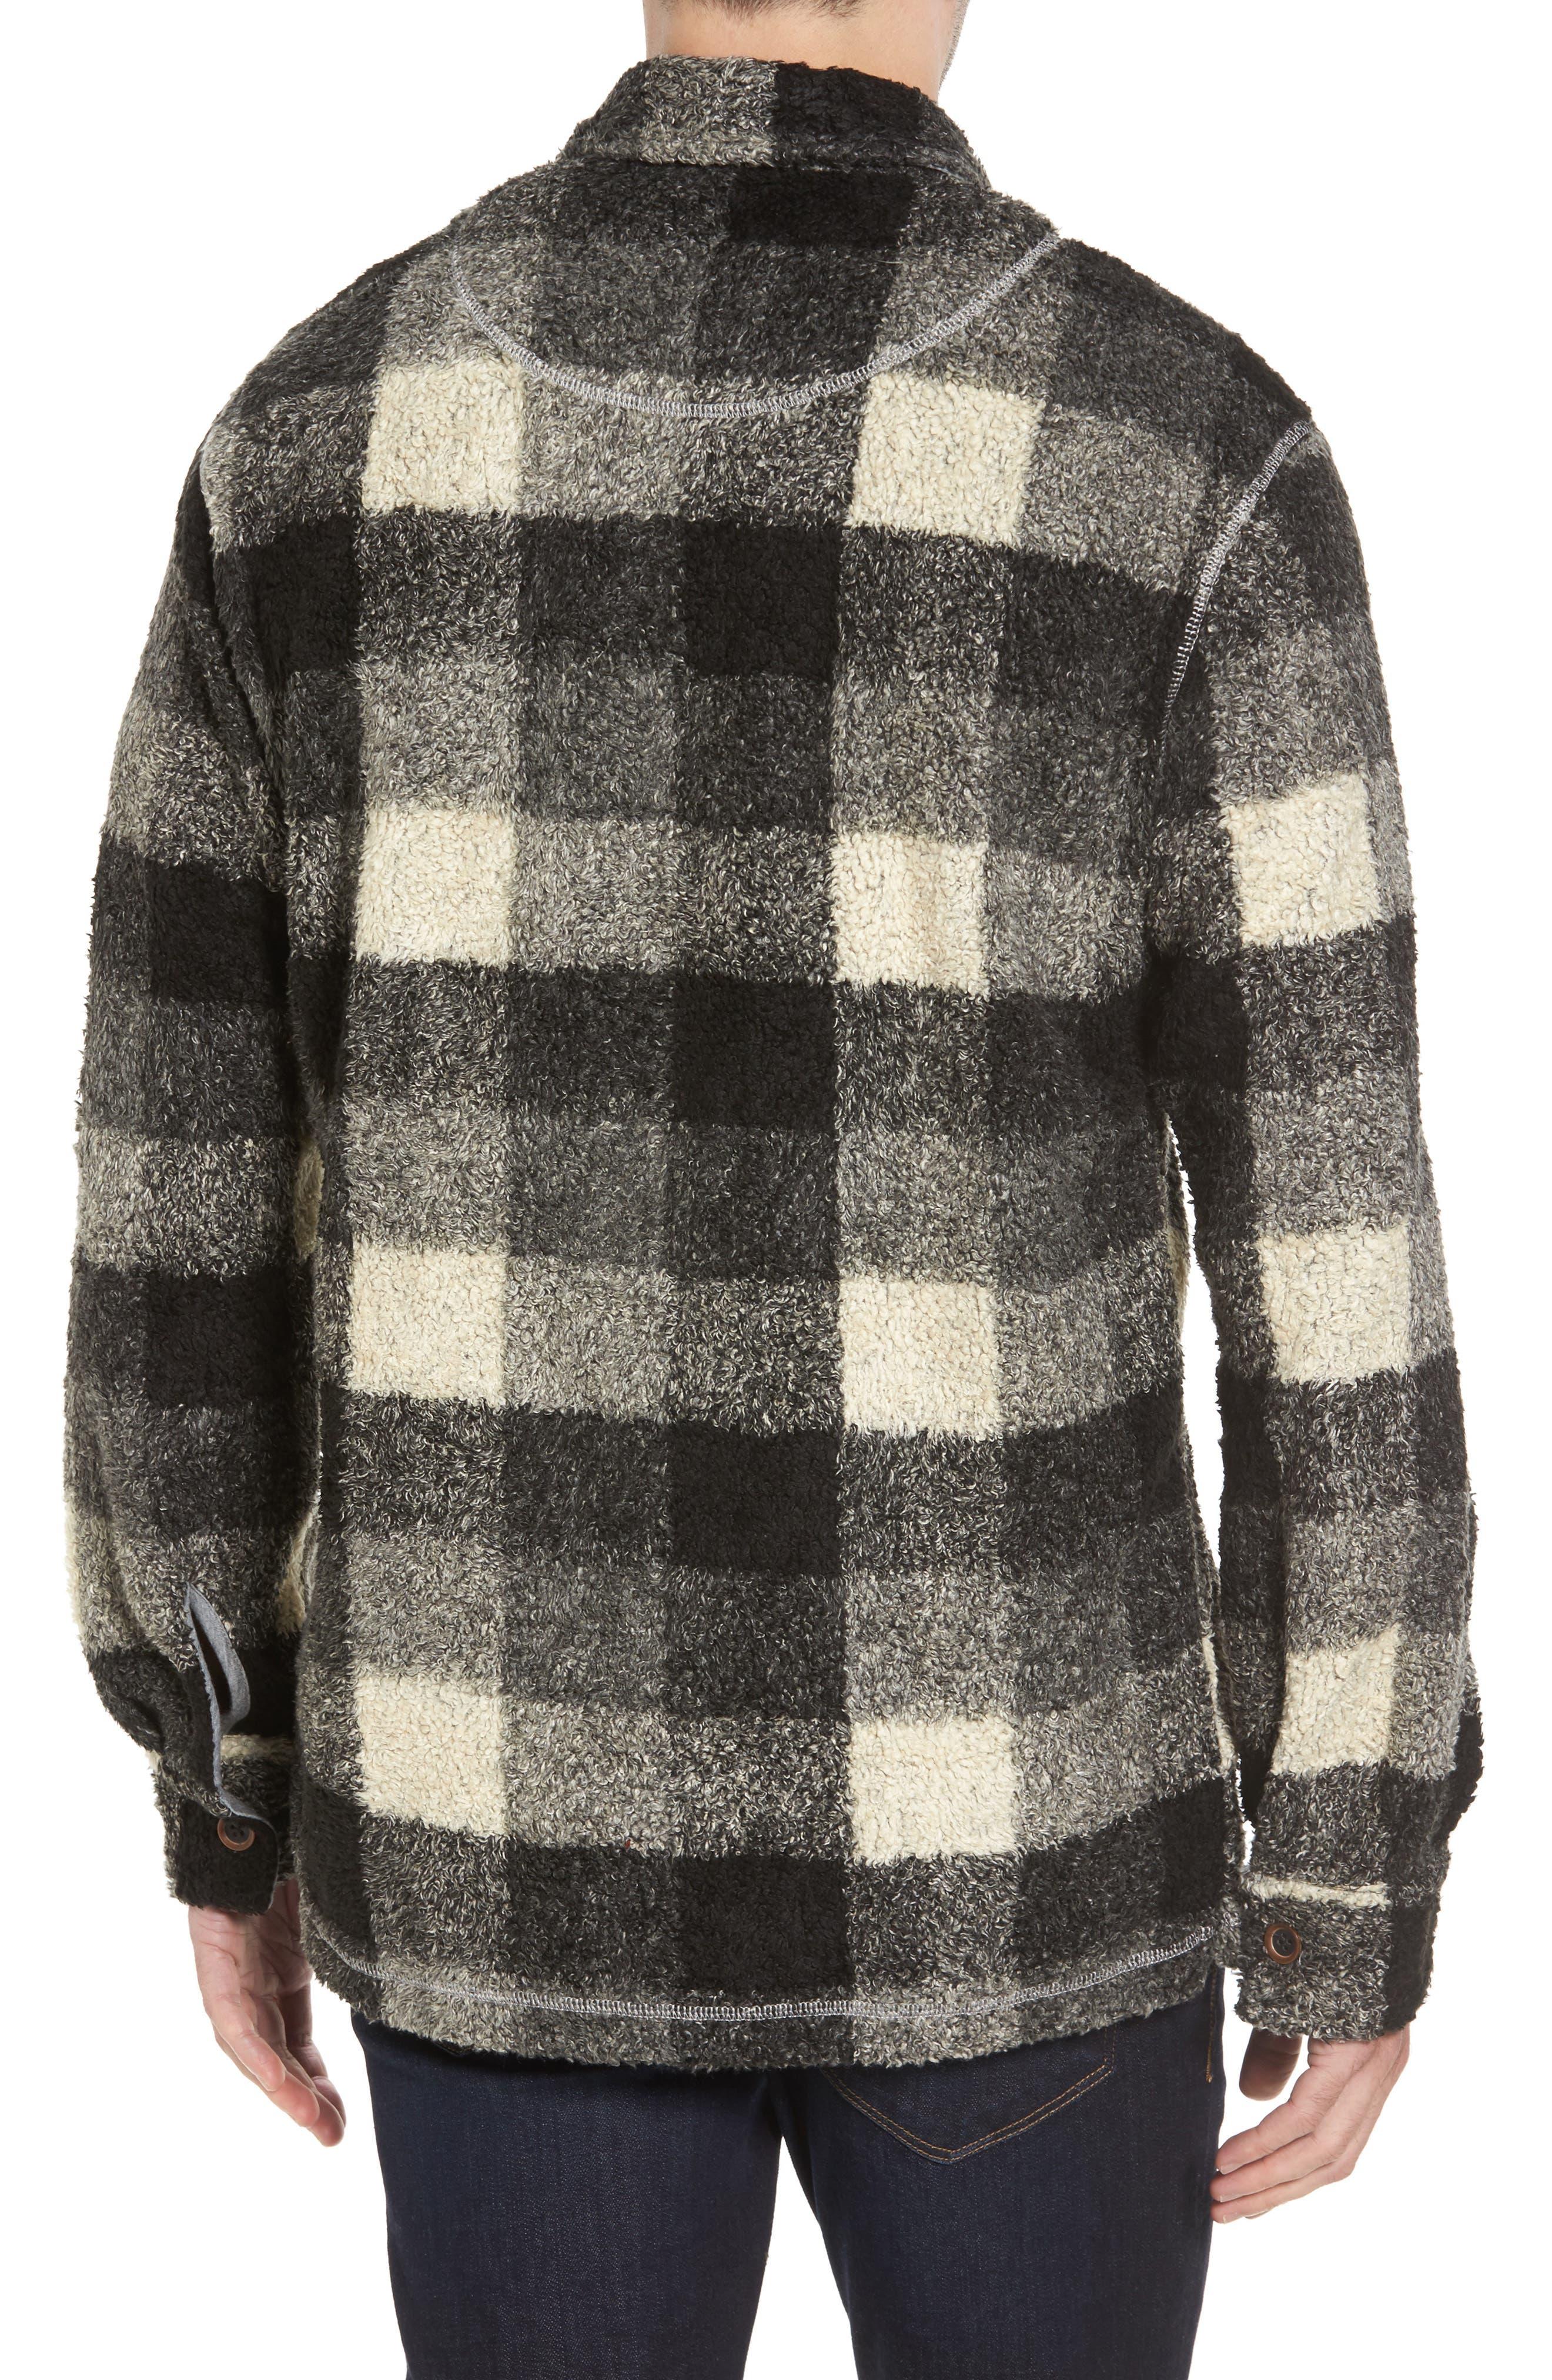 Textured Buffalo Check Shirt Jacket,                             Alternate thumbnail 2, color,                             020